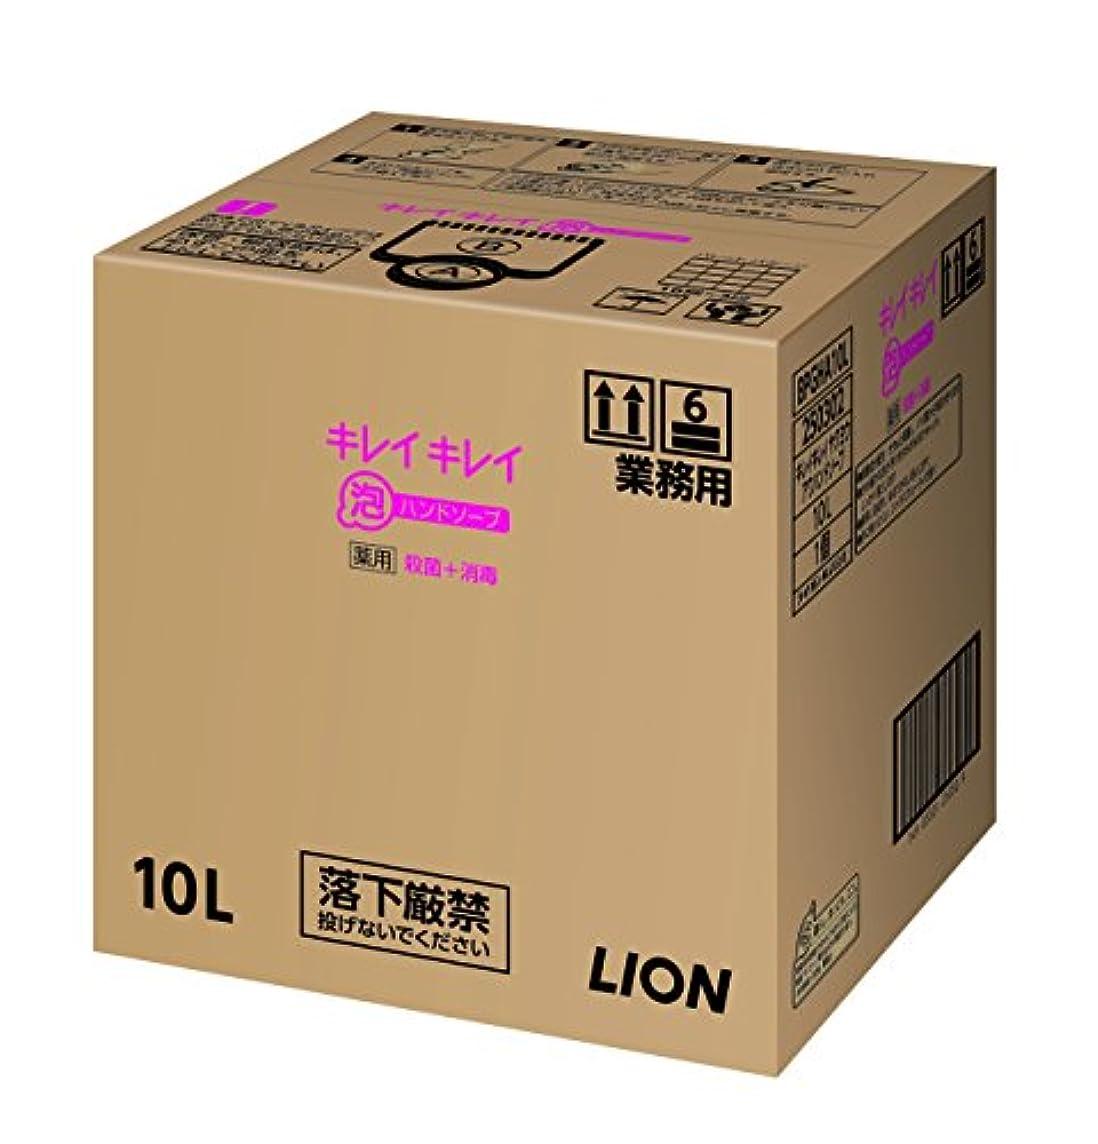 ガイドライン半球文献【業務用 大容量】キレイキレイ 薬用 泡ハンドソープ シトラスフルーティの香り 10L(医薬部外品)